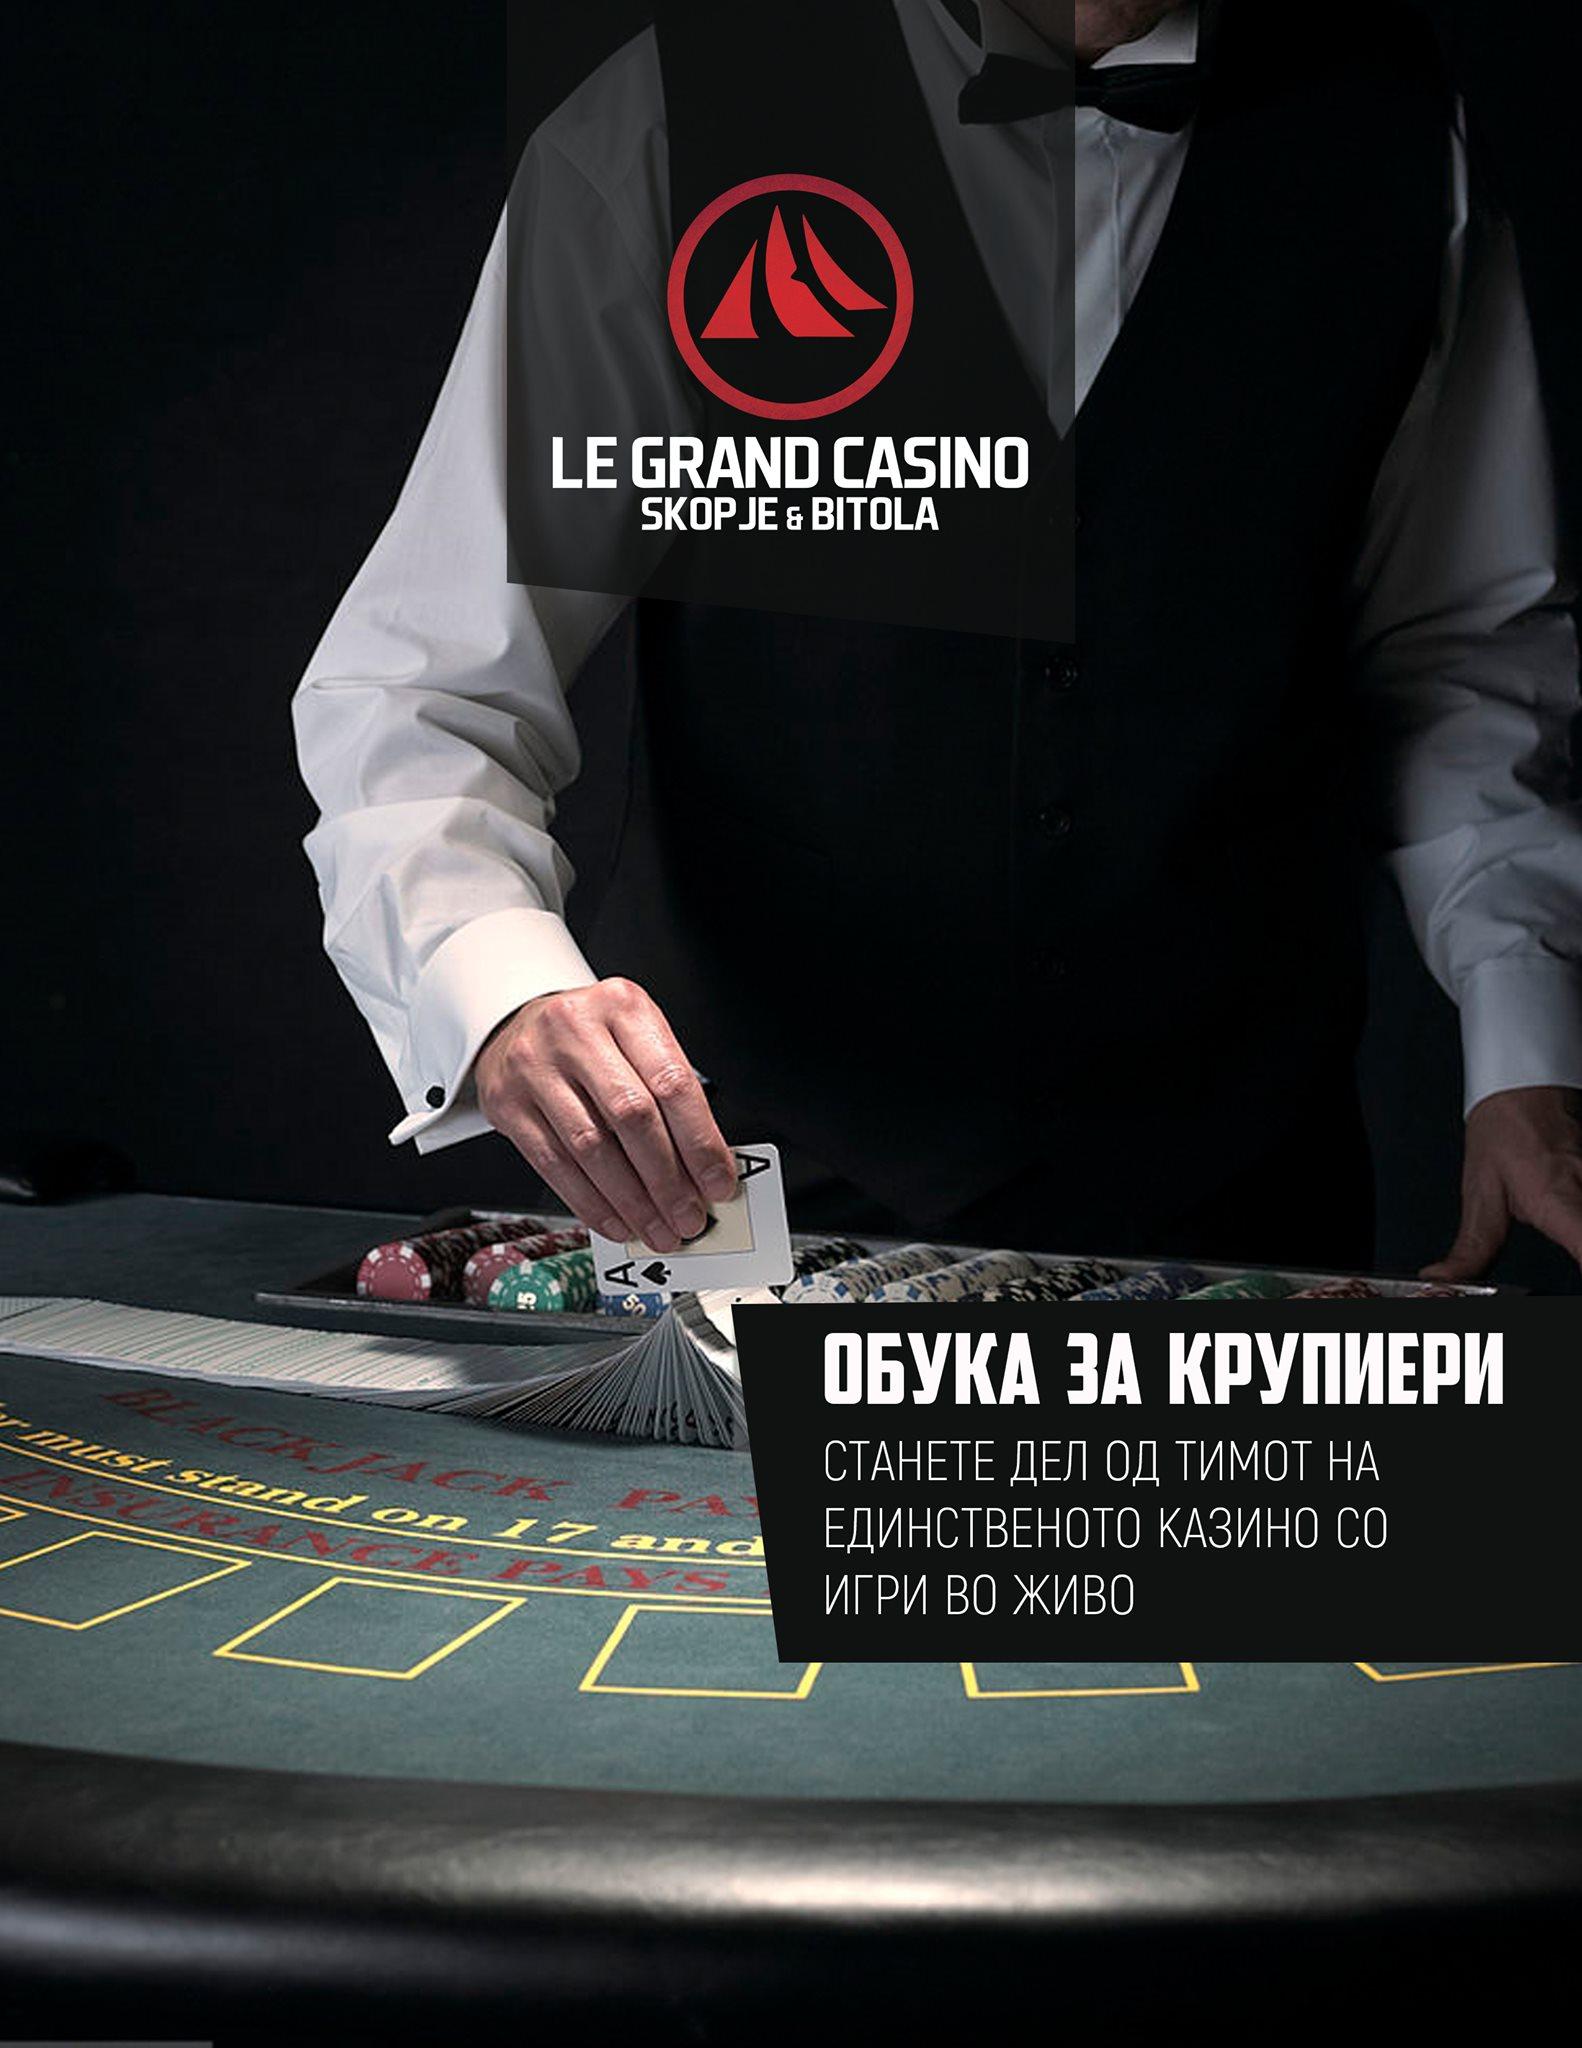 Ле Гранд Казино во Битола и Скопје организира обука за Крупиери/ки